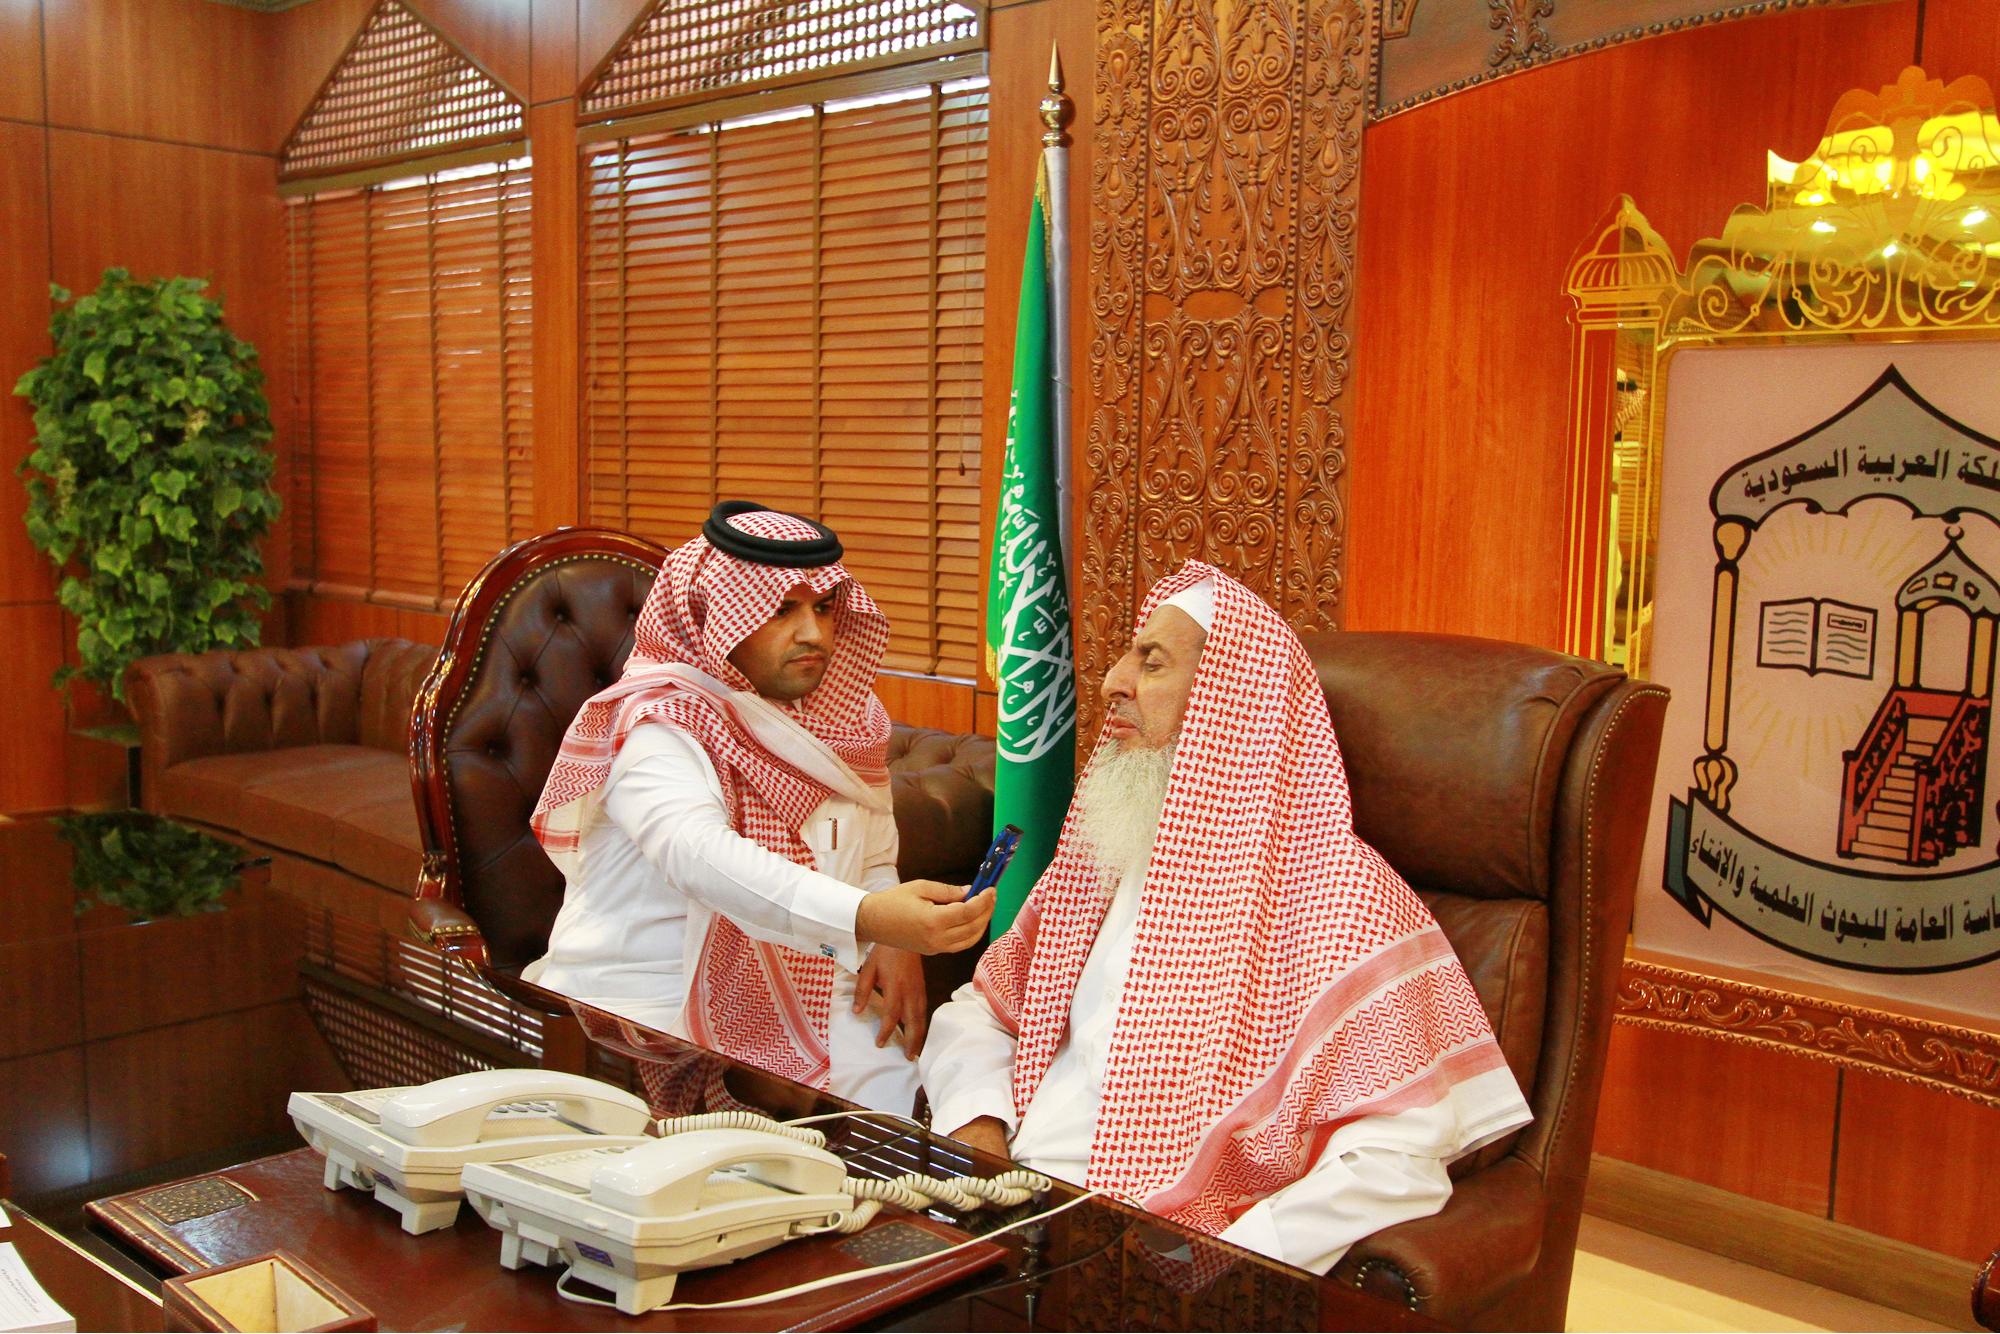 صورة سماحة مفتي المملكة يهنئ القيادة بشهر رمضان ويوصي بحماية عقيدة الوطن وخيراته